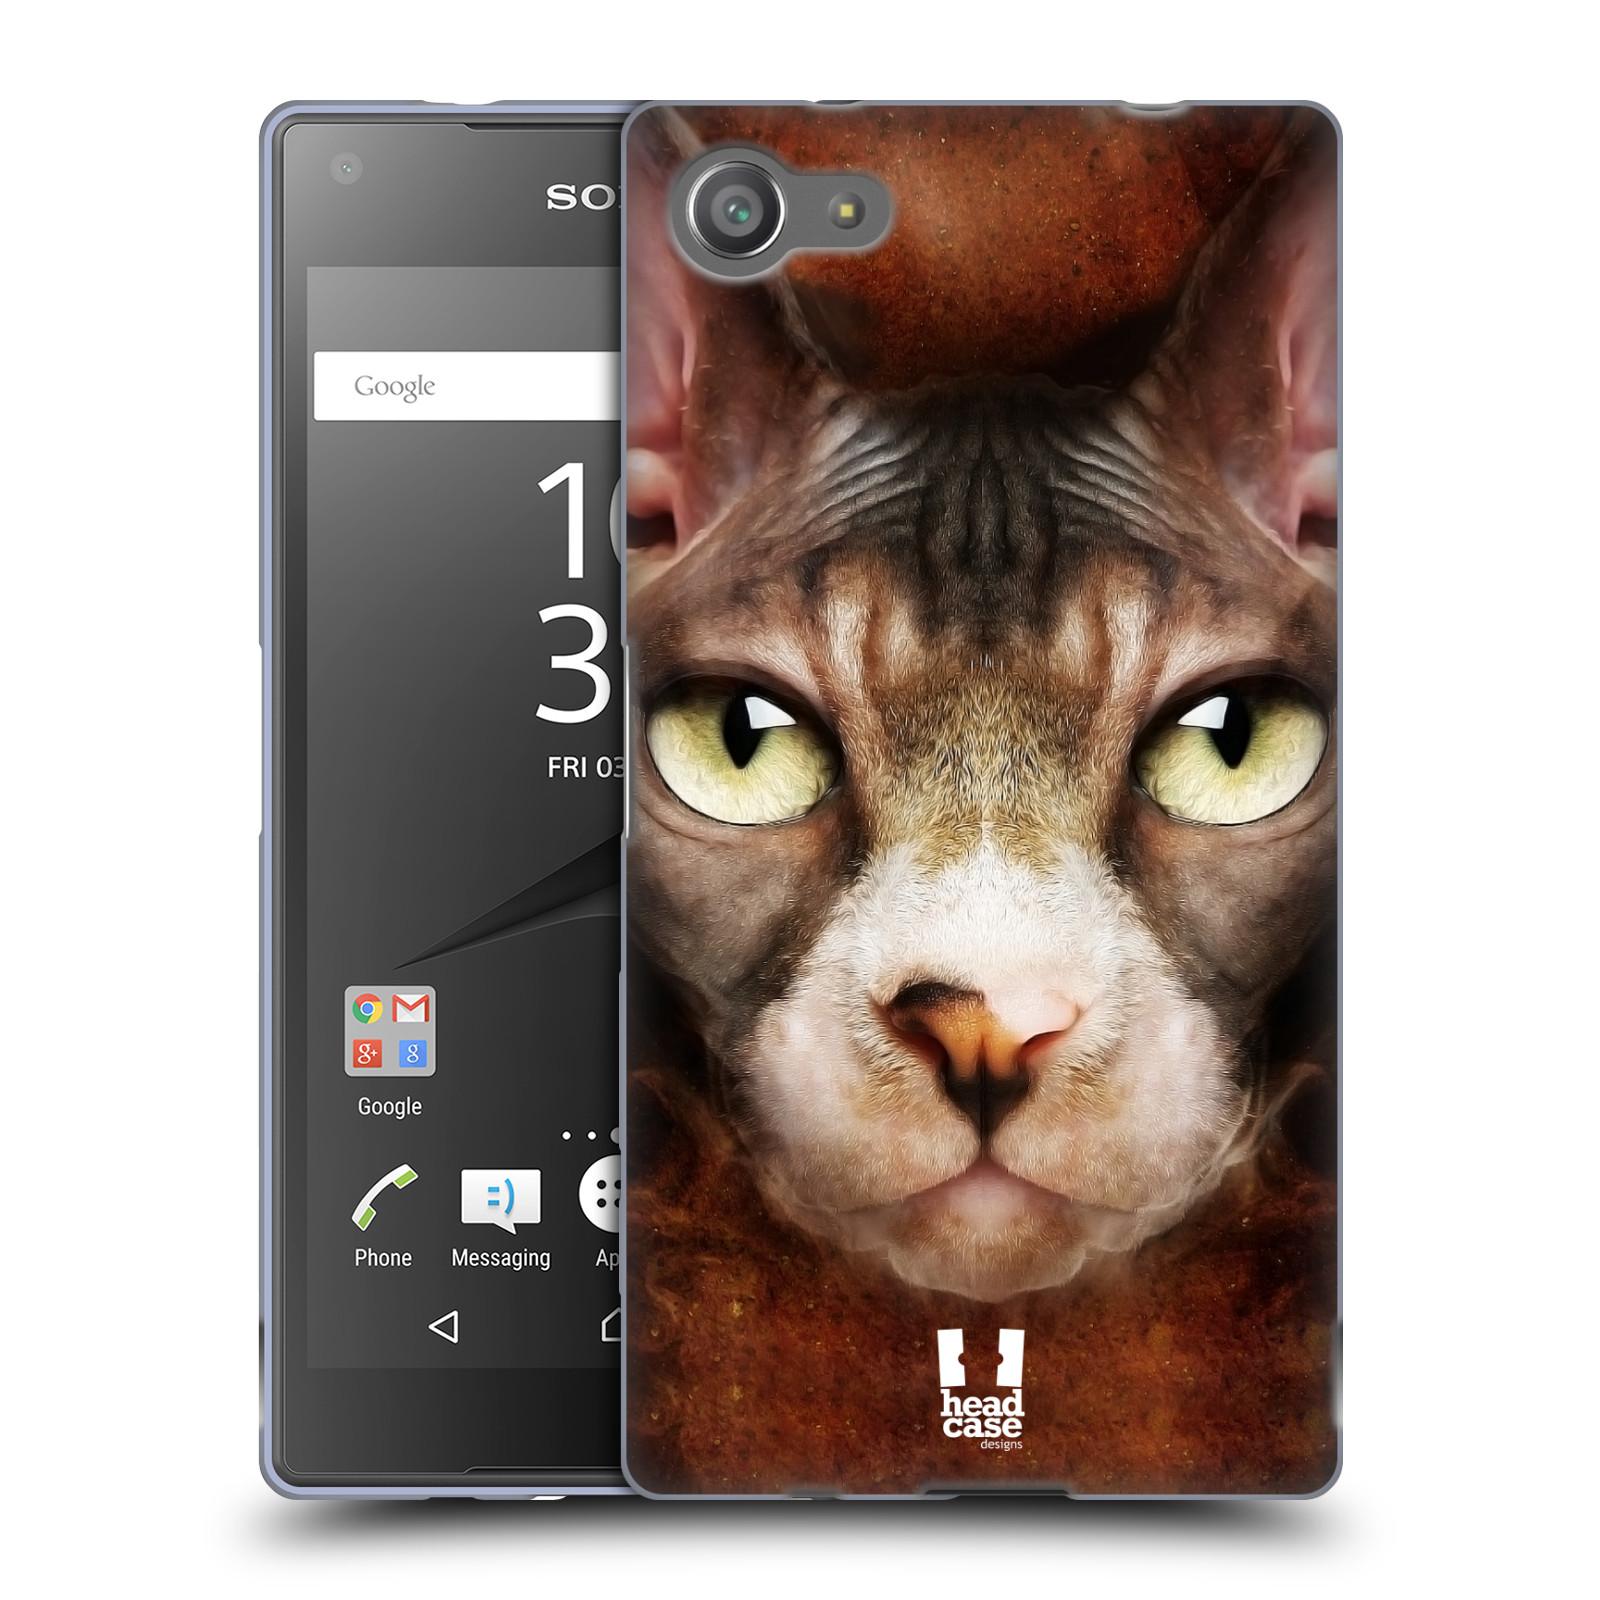 HEAD CASE silikonový obal na mobil Sony Xperia Z5 COMPACT vzor Zvířecí tváře kočka sphynx